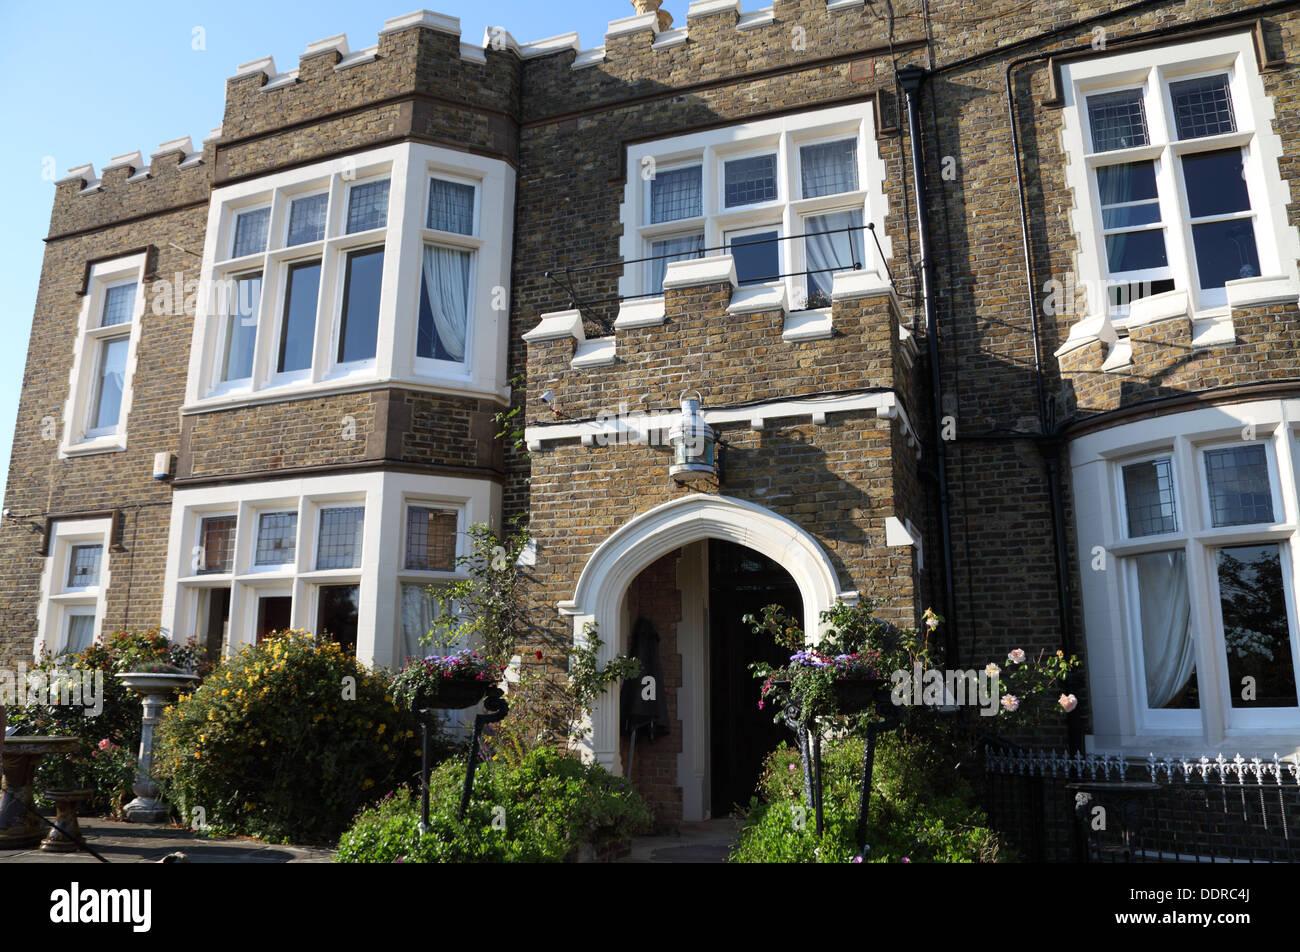 Charles Dickensu0027 Bleak House, Broadstairs, Kent, England   Stock Image